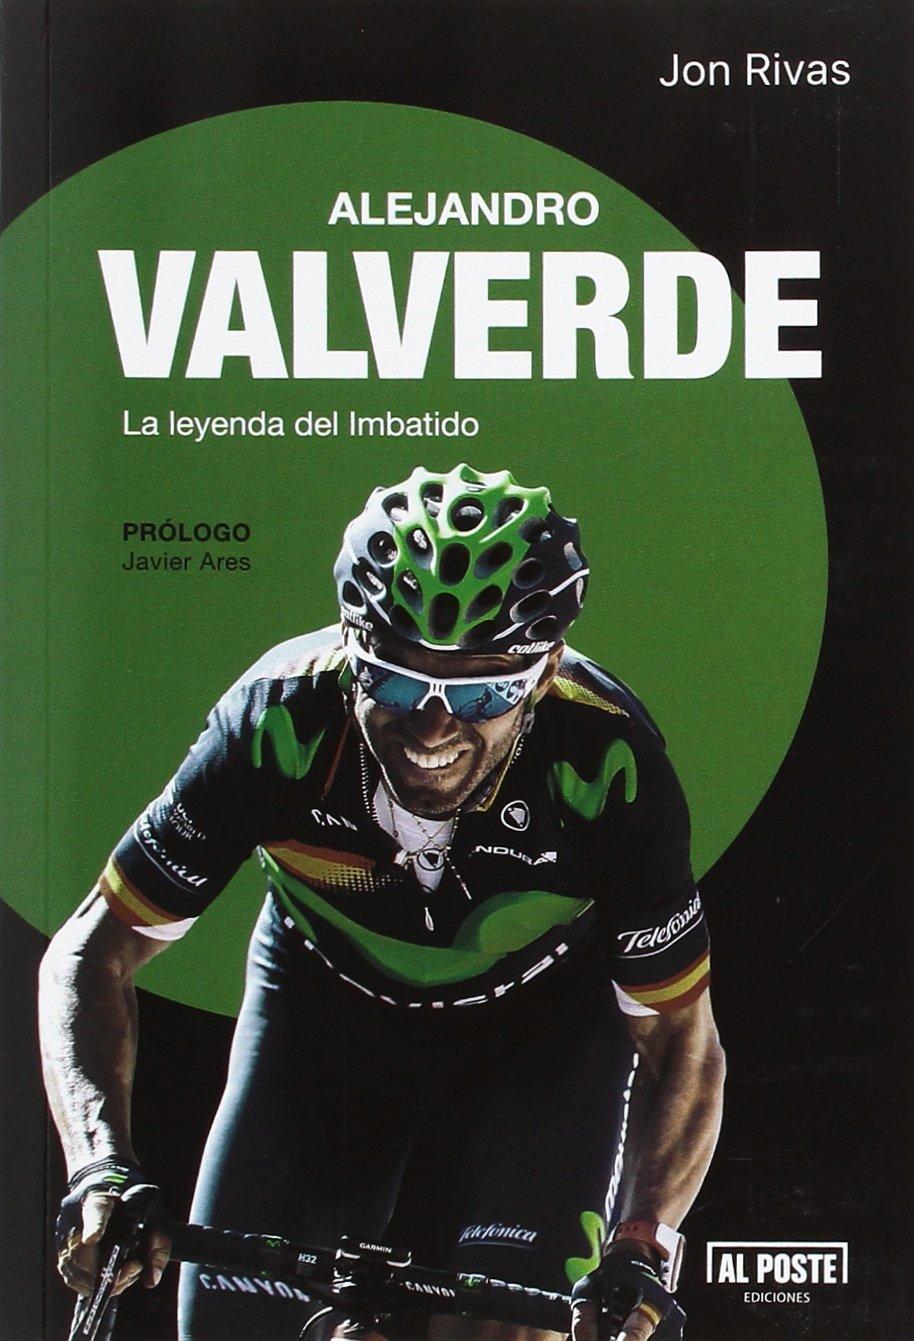 71FY EK83NL - Libros de Ciclismo